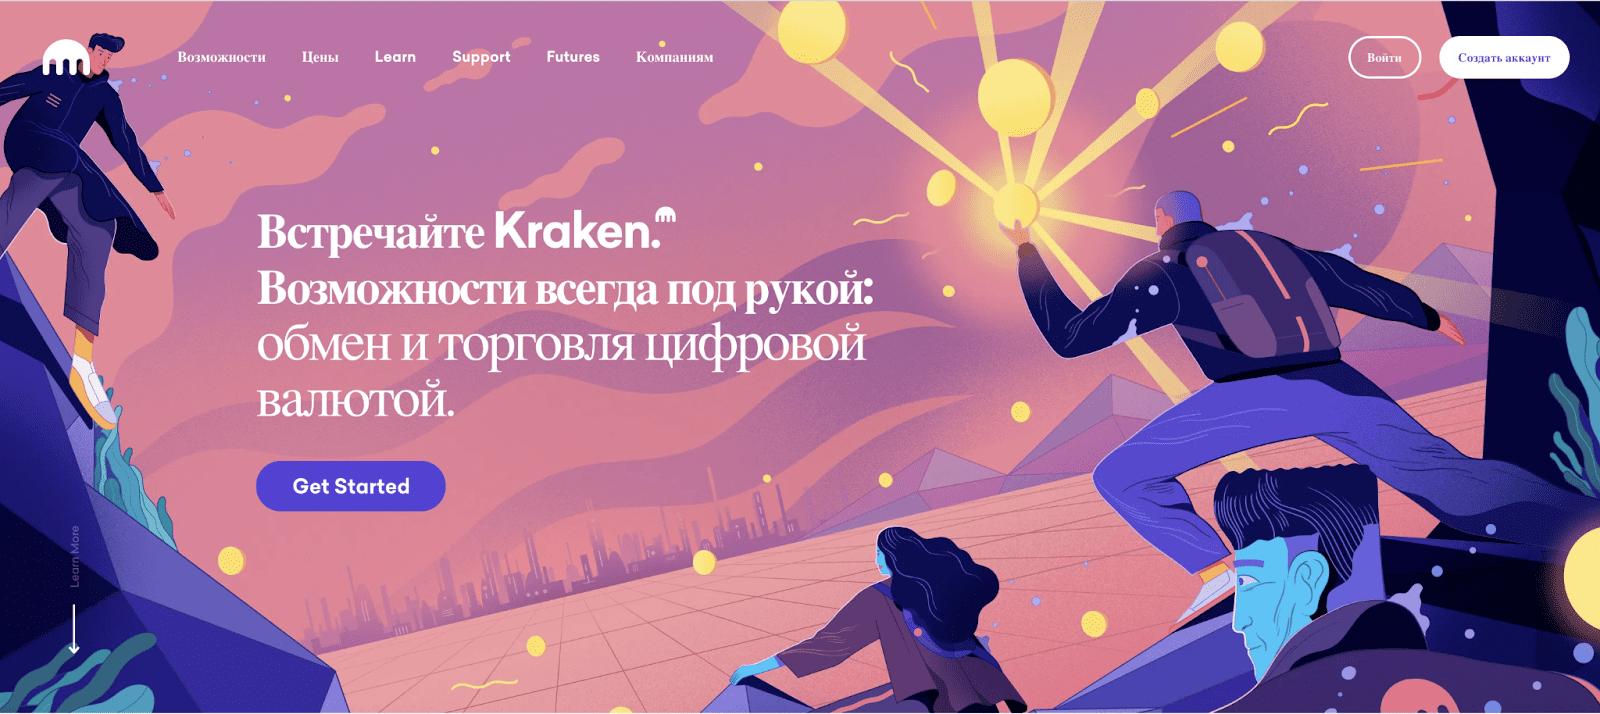 Кракен главная страница сайта